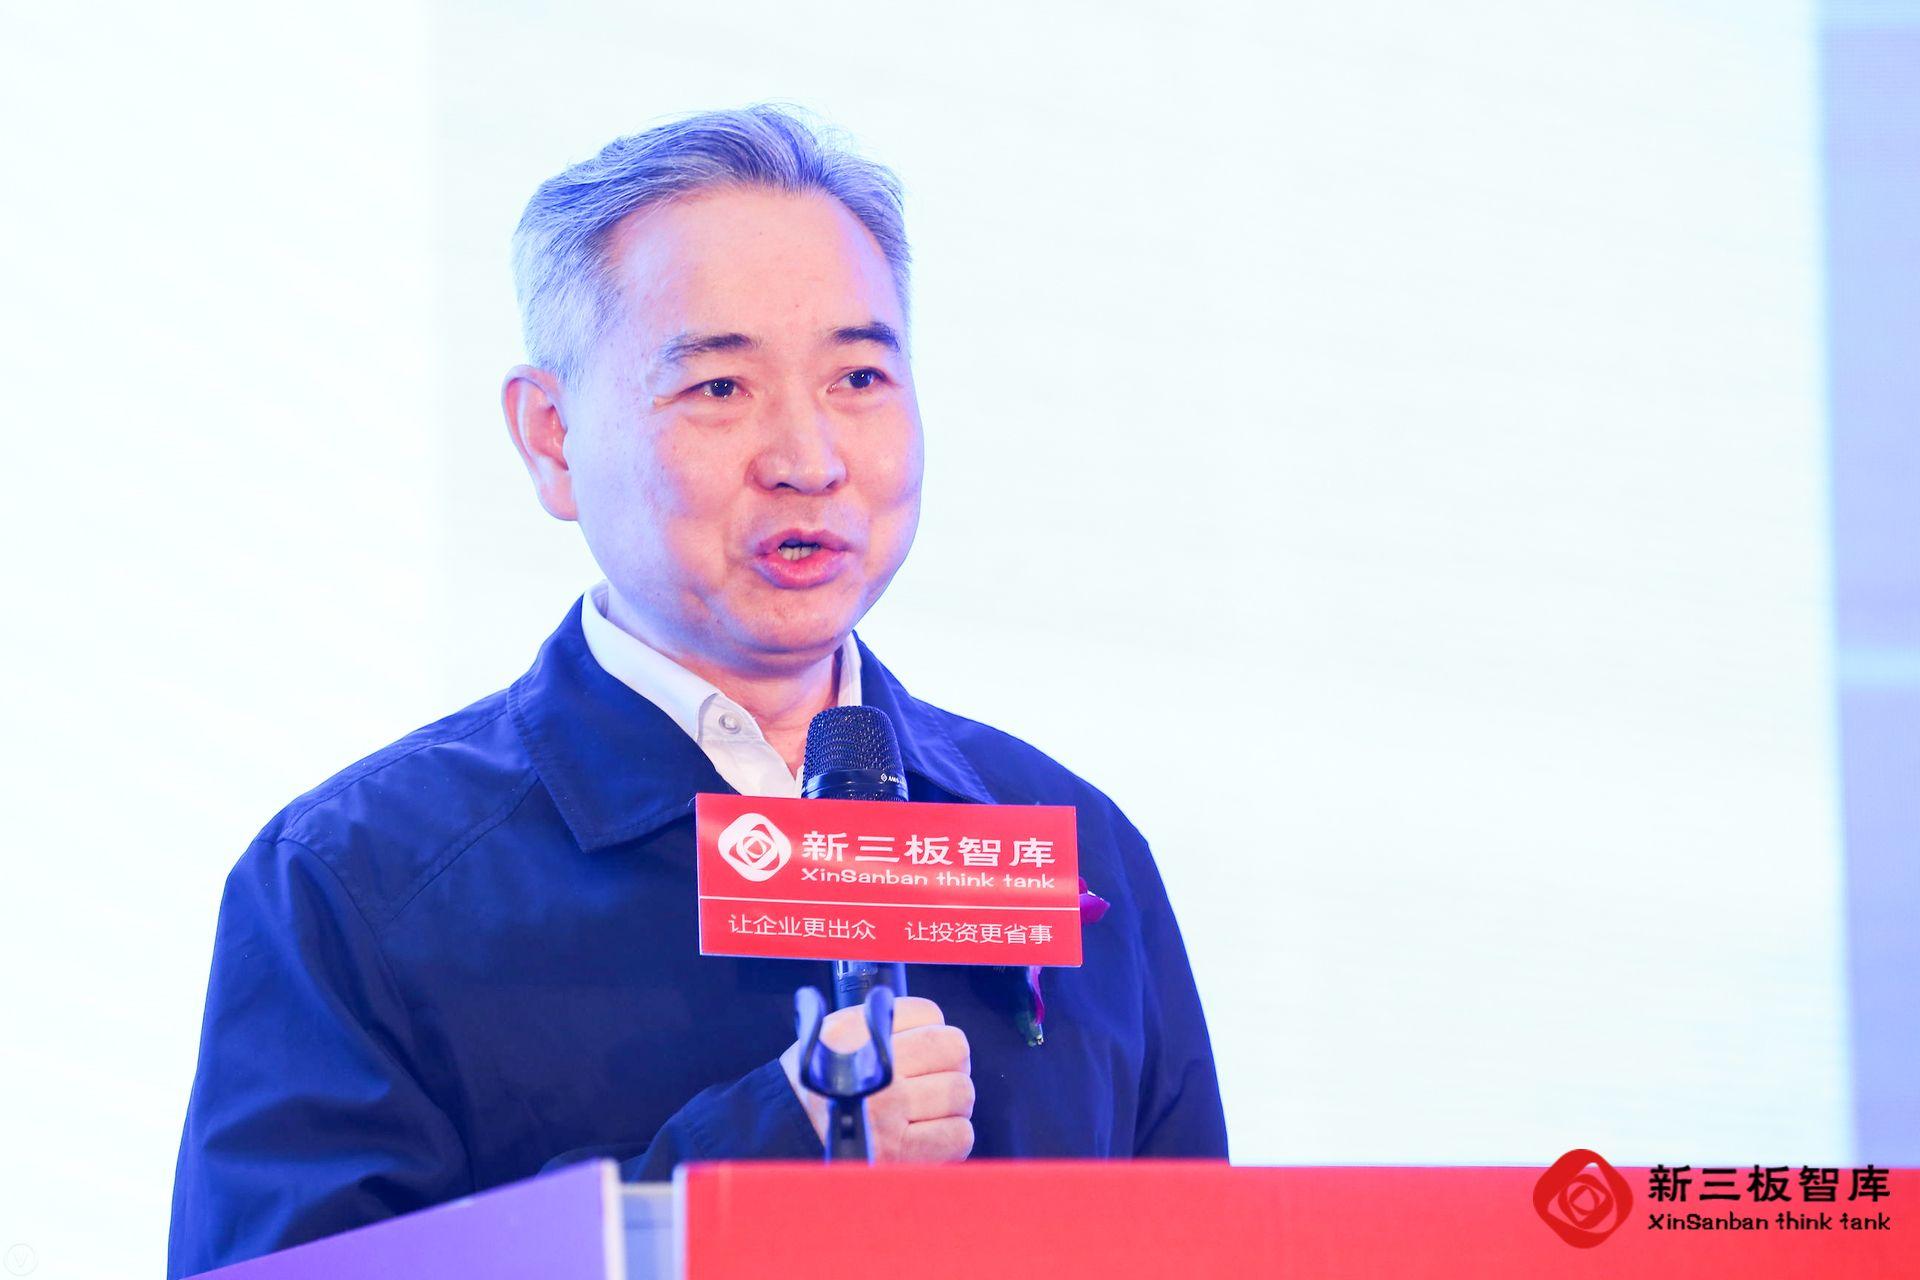 徐洪才:十九大后宏观经济形势前瞻